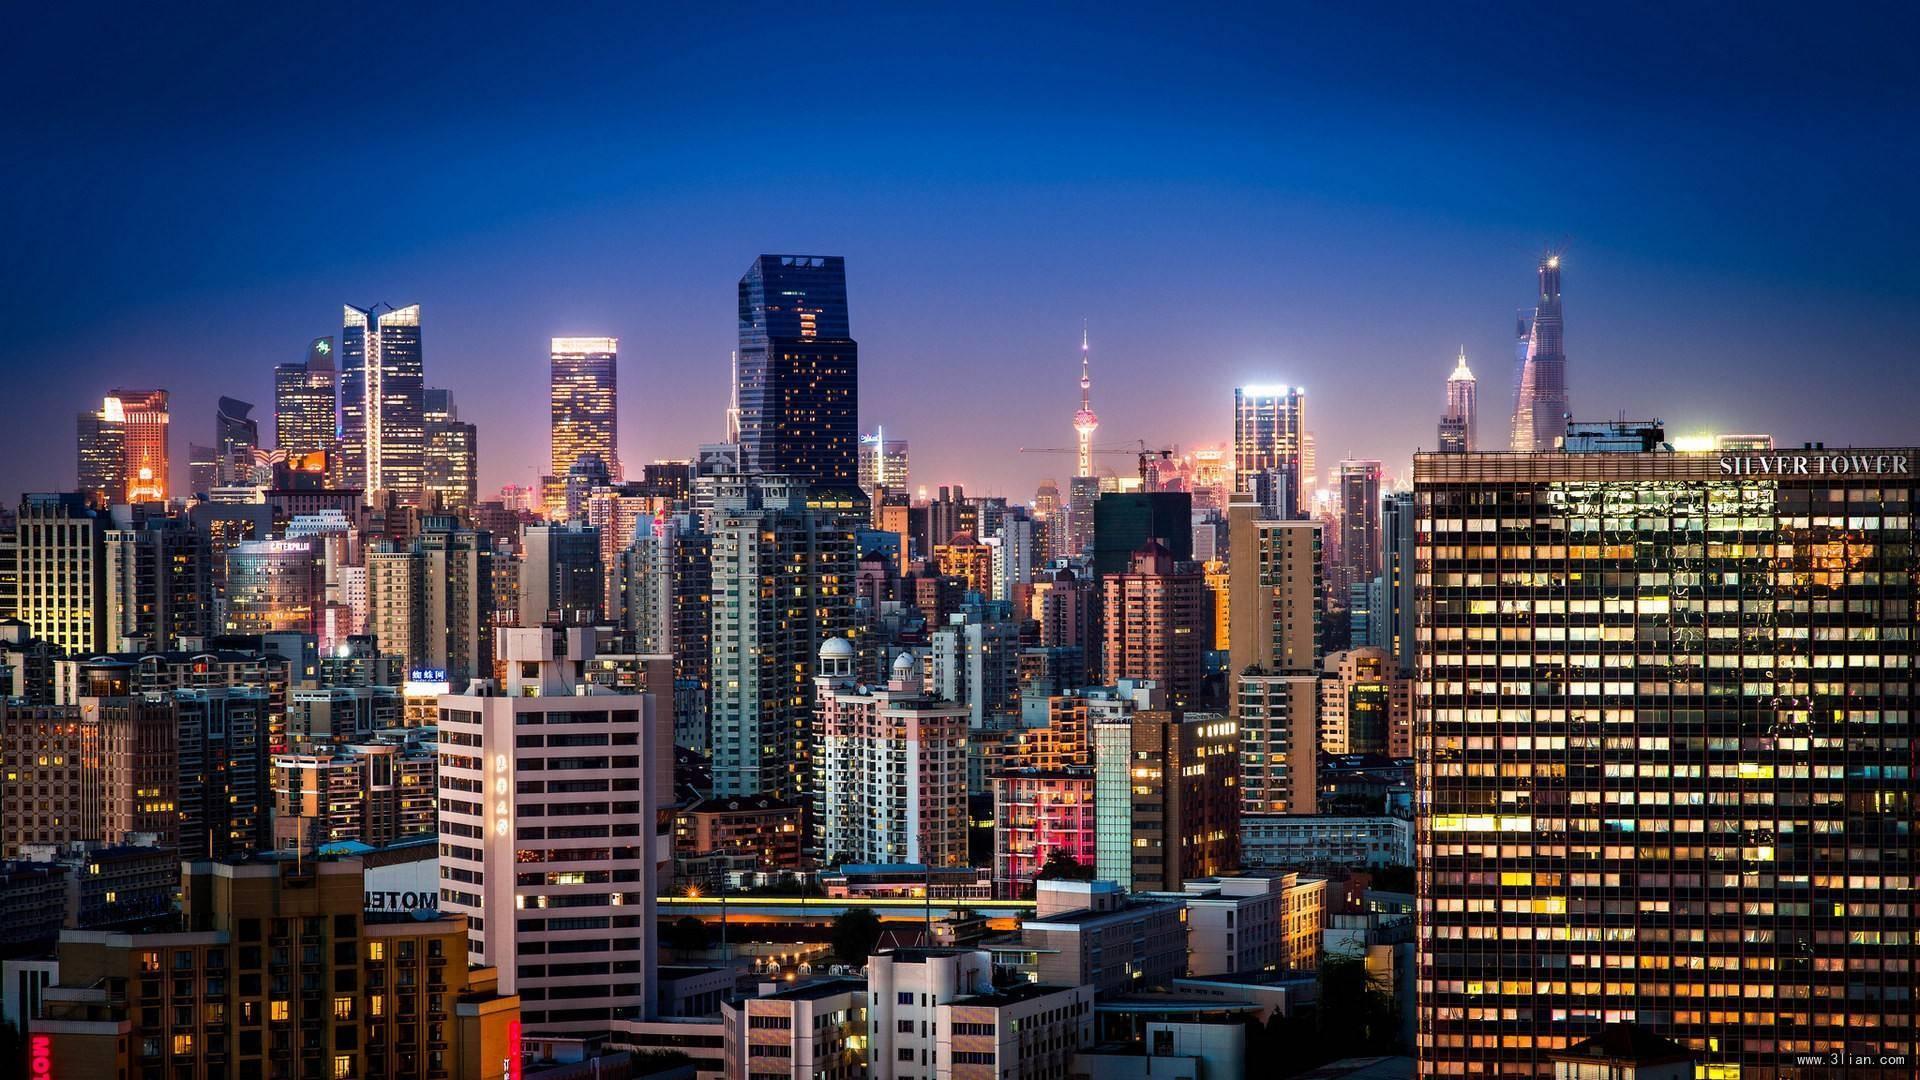 美国各城市gdp排名_全球GDP排名前20强城市,美国上榜城市高达九座,我国有几座呢